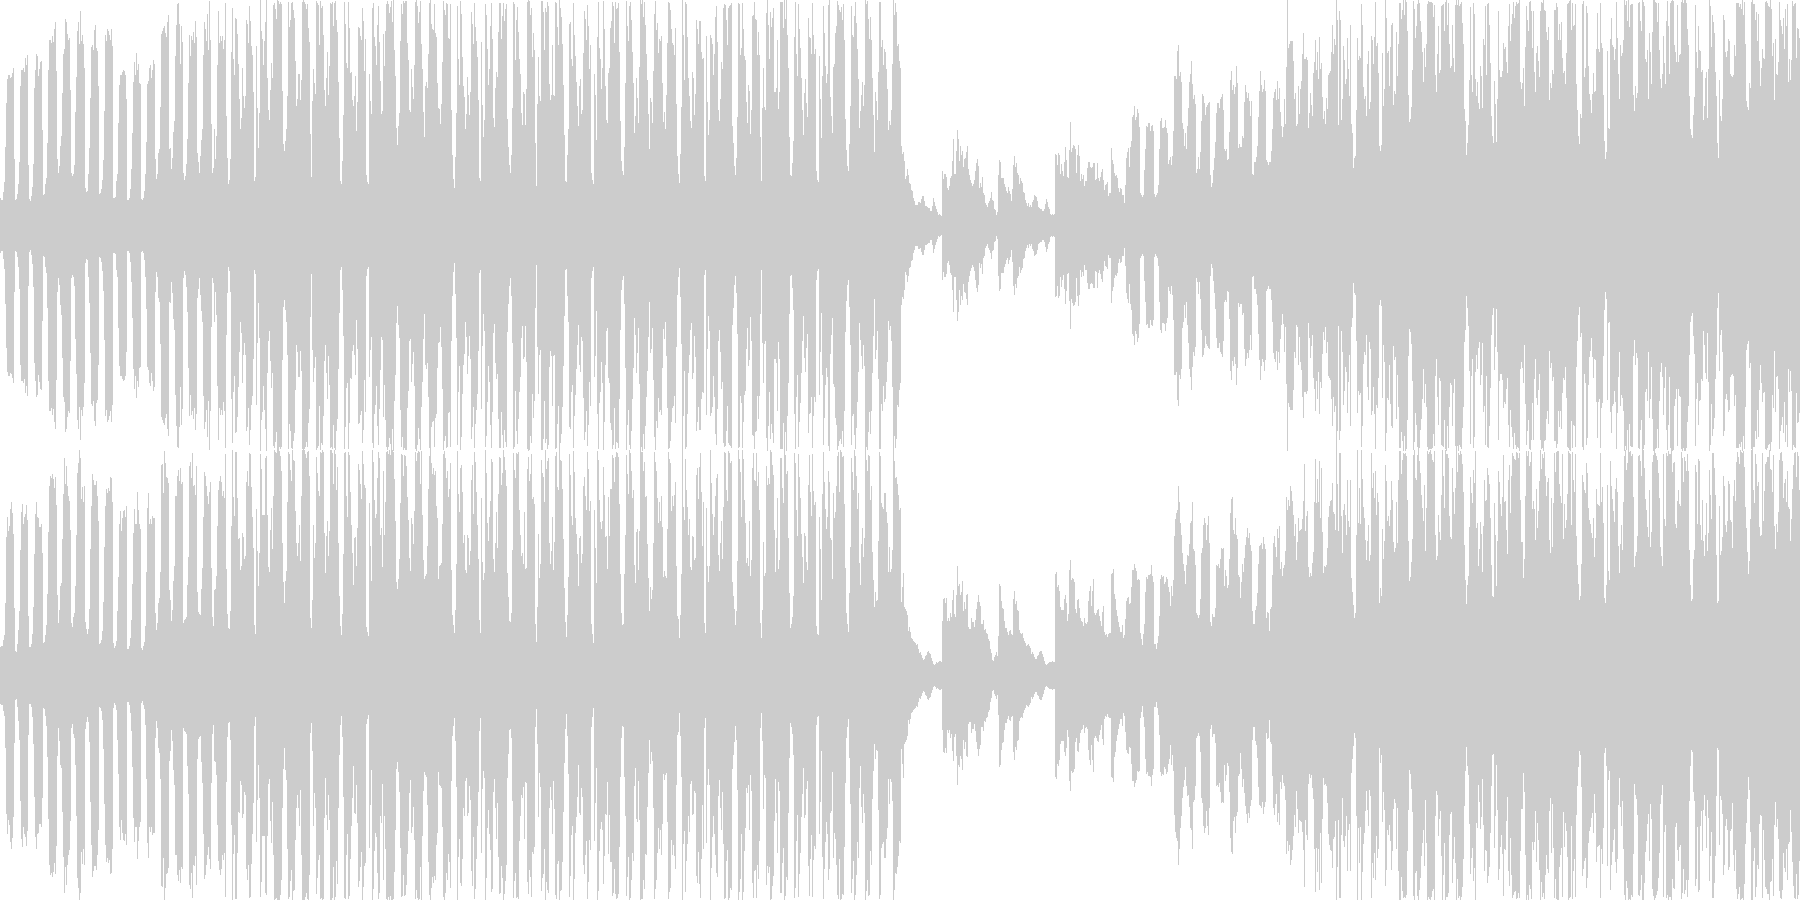 【映像系】令和幕開け_EDM調の未再生の波形